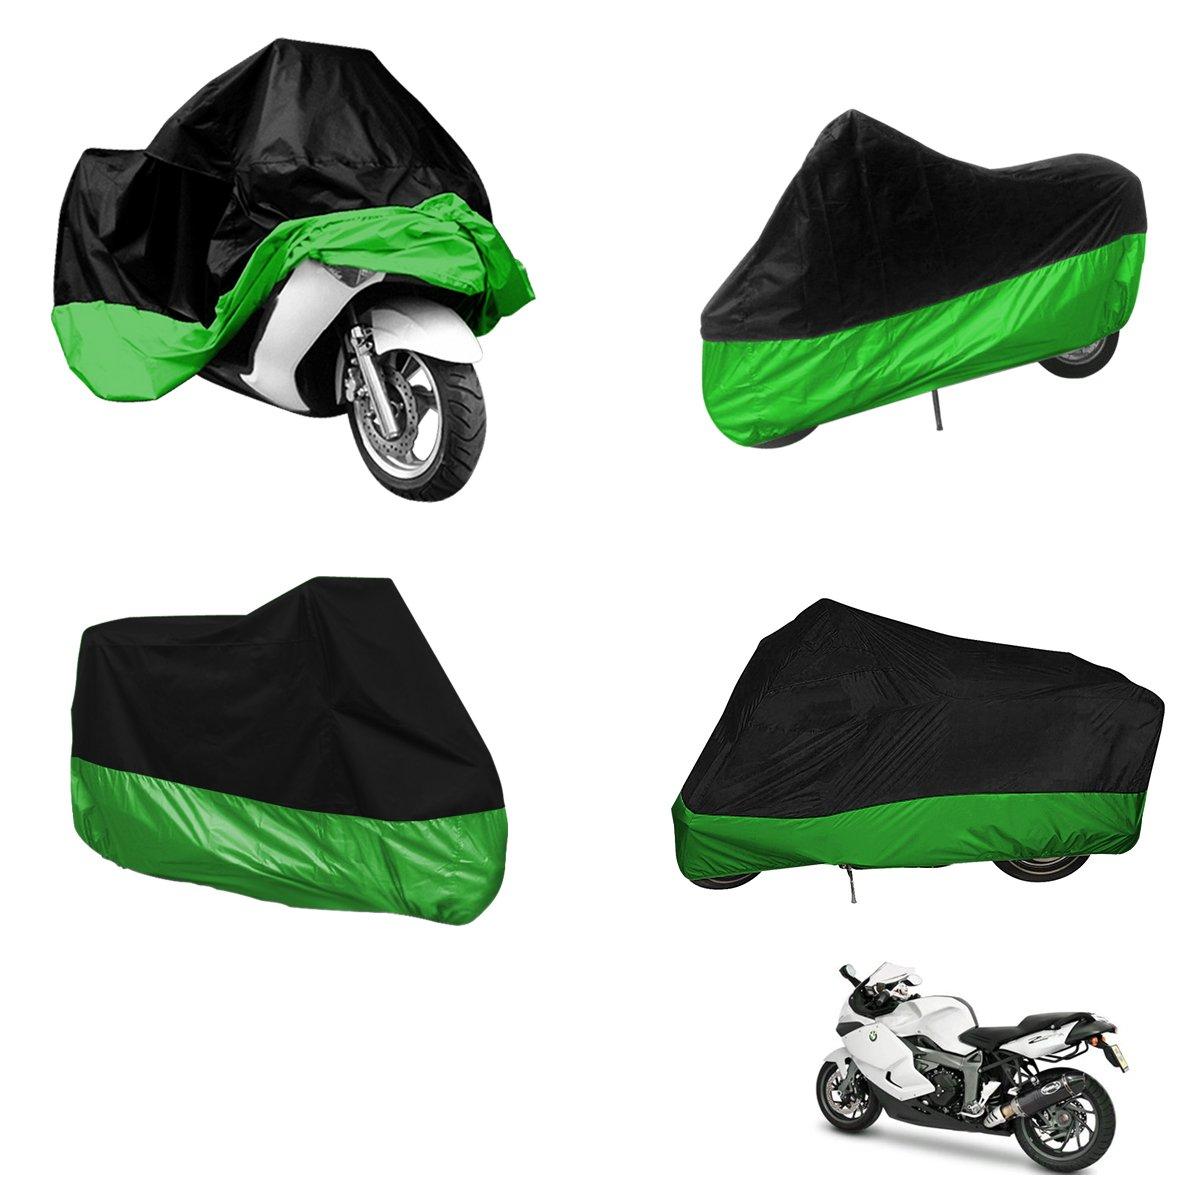 Sonline CUBIERTA CUBIERTA MOTO motocicleta Cubiertas tamano ATV moto vespa XL negro 245cm proteccion verde